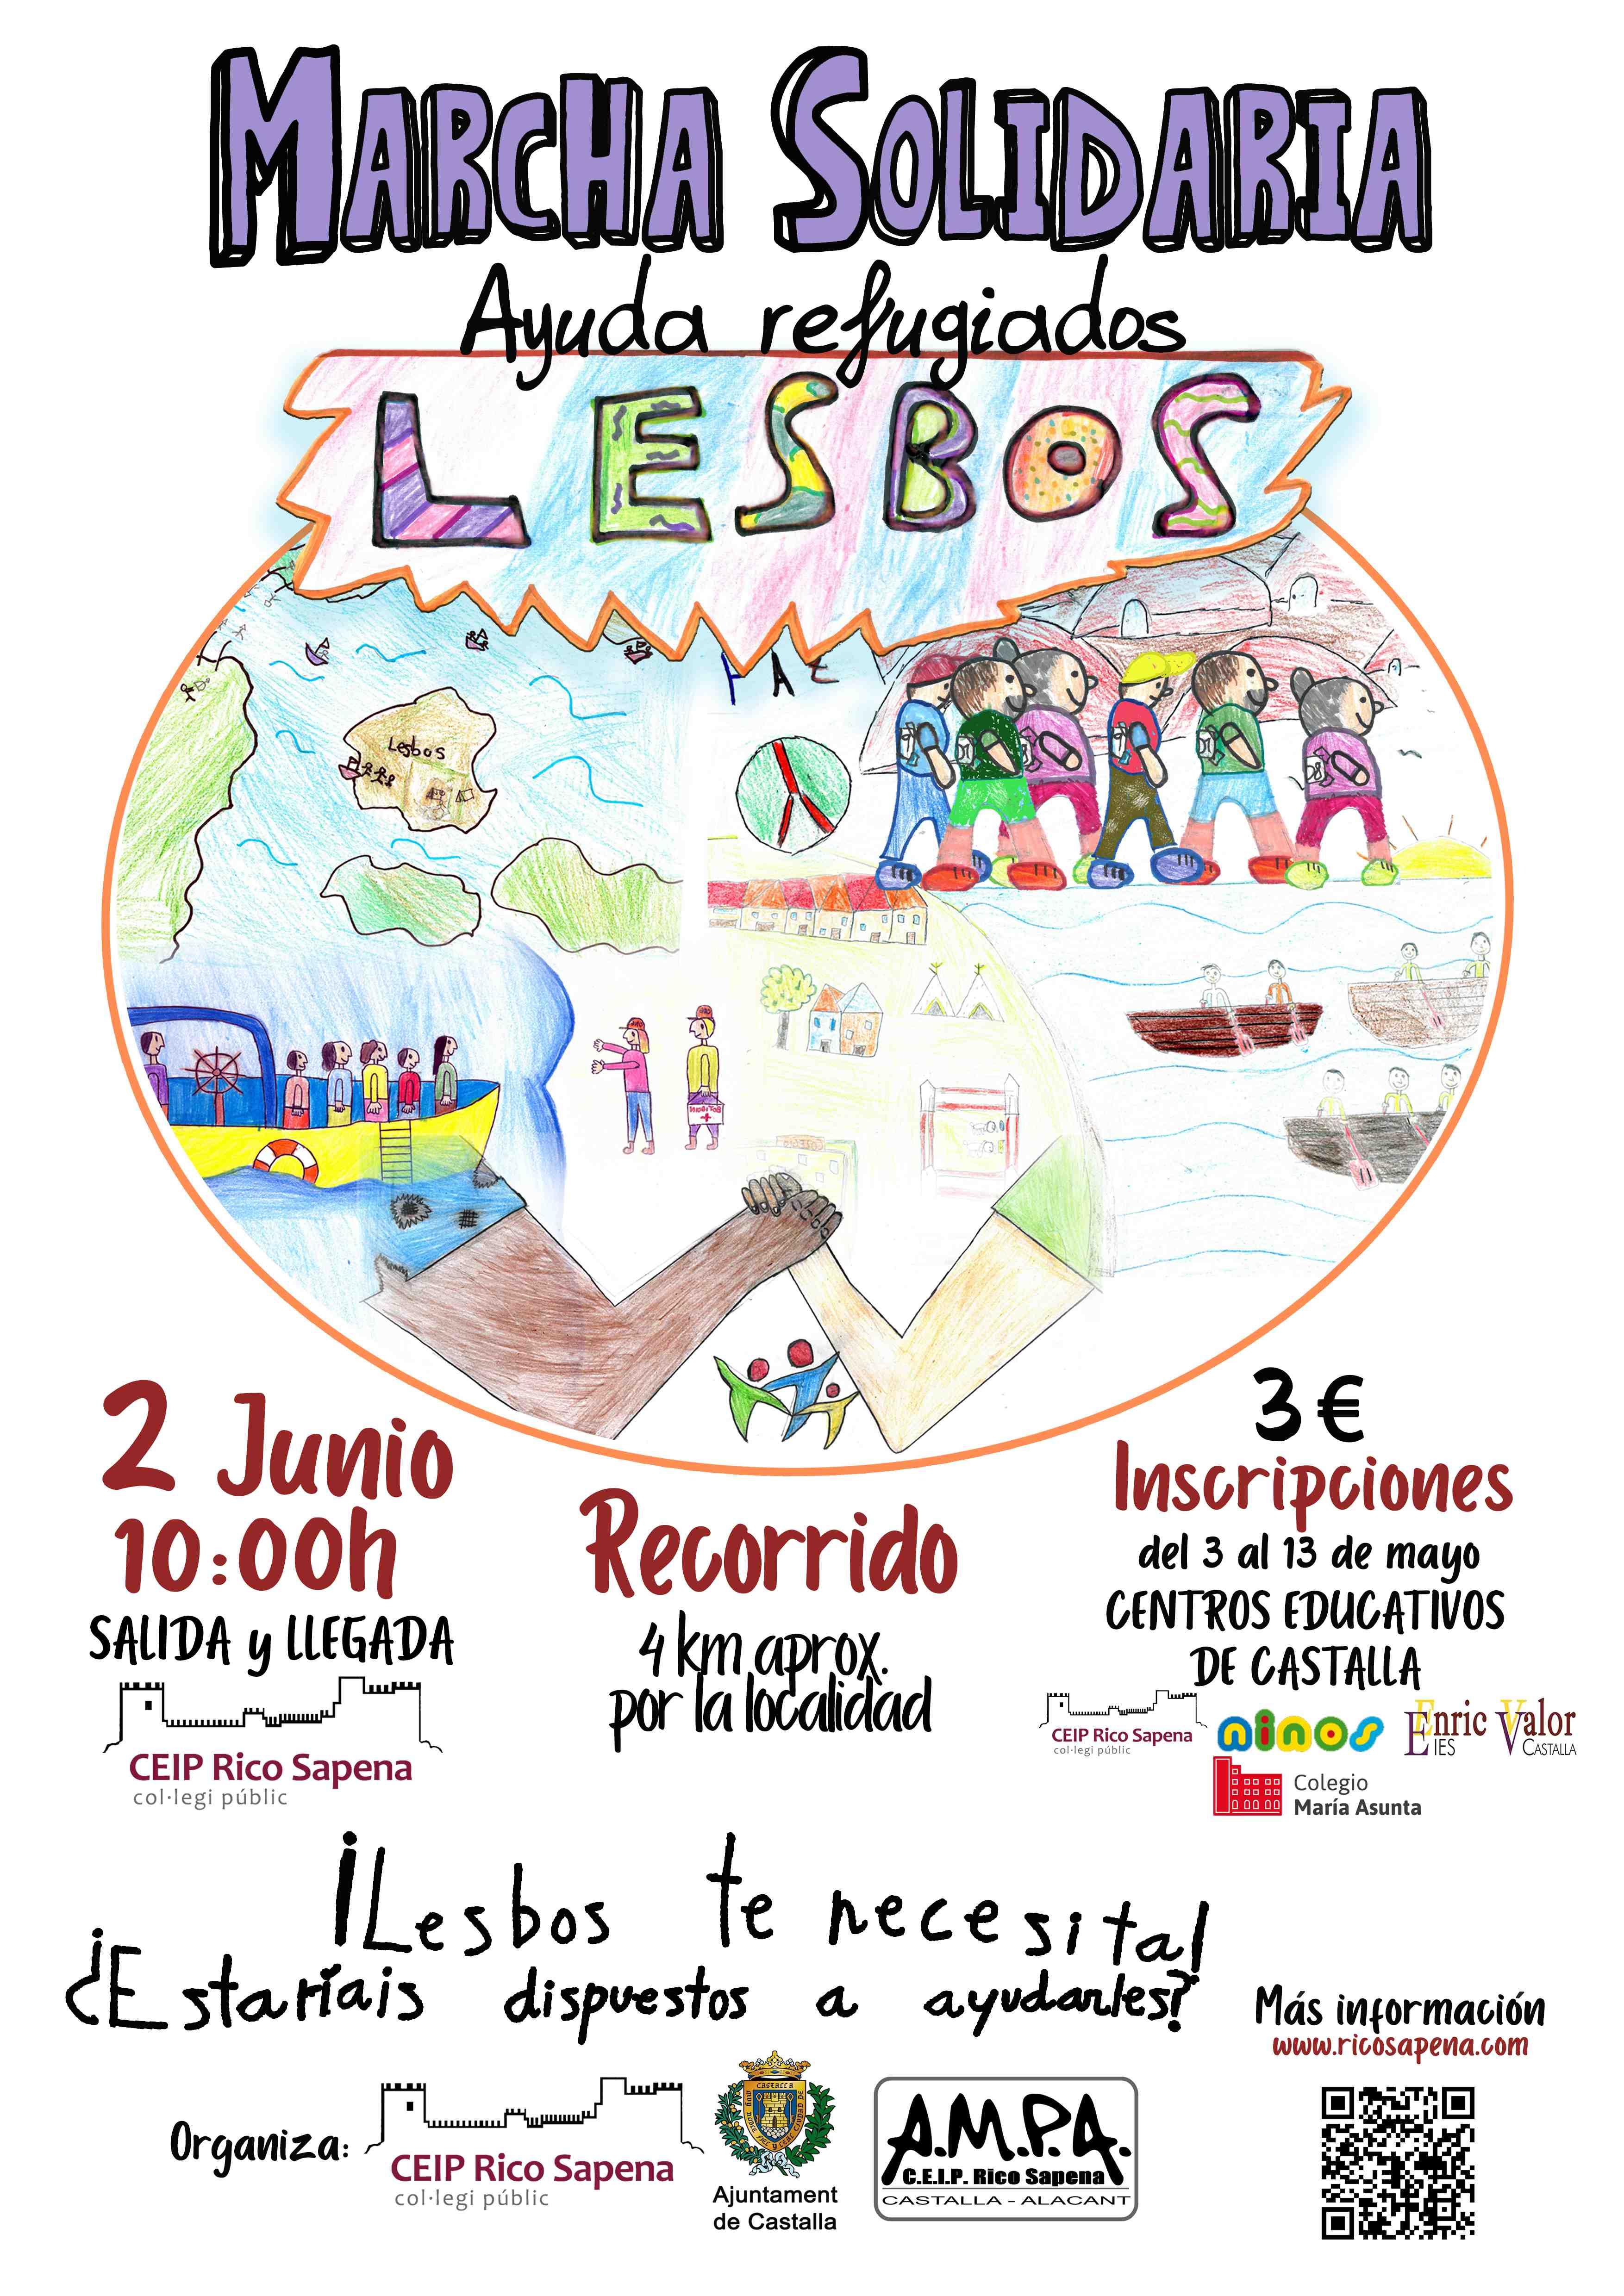 Marxa solidària per ajudar els refugiats de Lesbos per iniciativa d'alumnes del col·legi Rico Sapena de Castalla